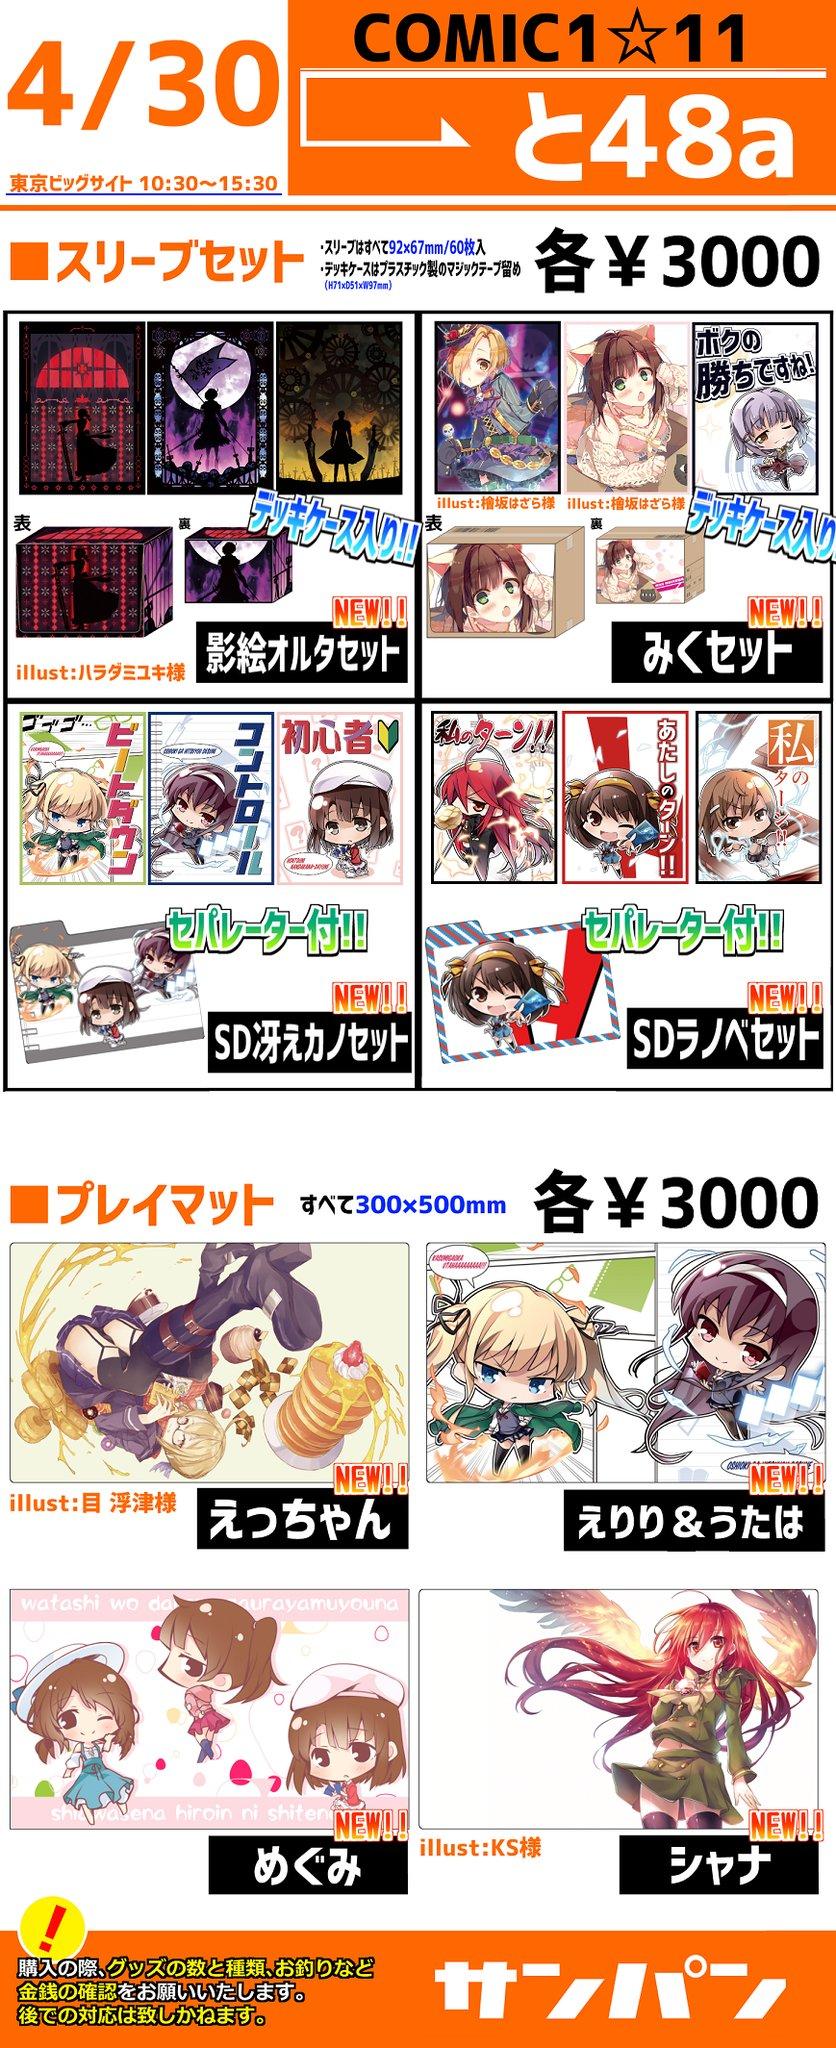 comic1-11-sunpan-016.jpg